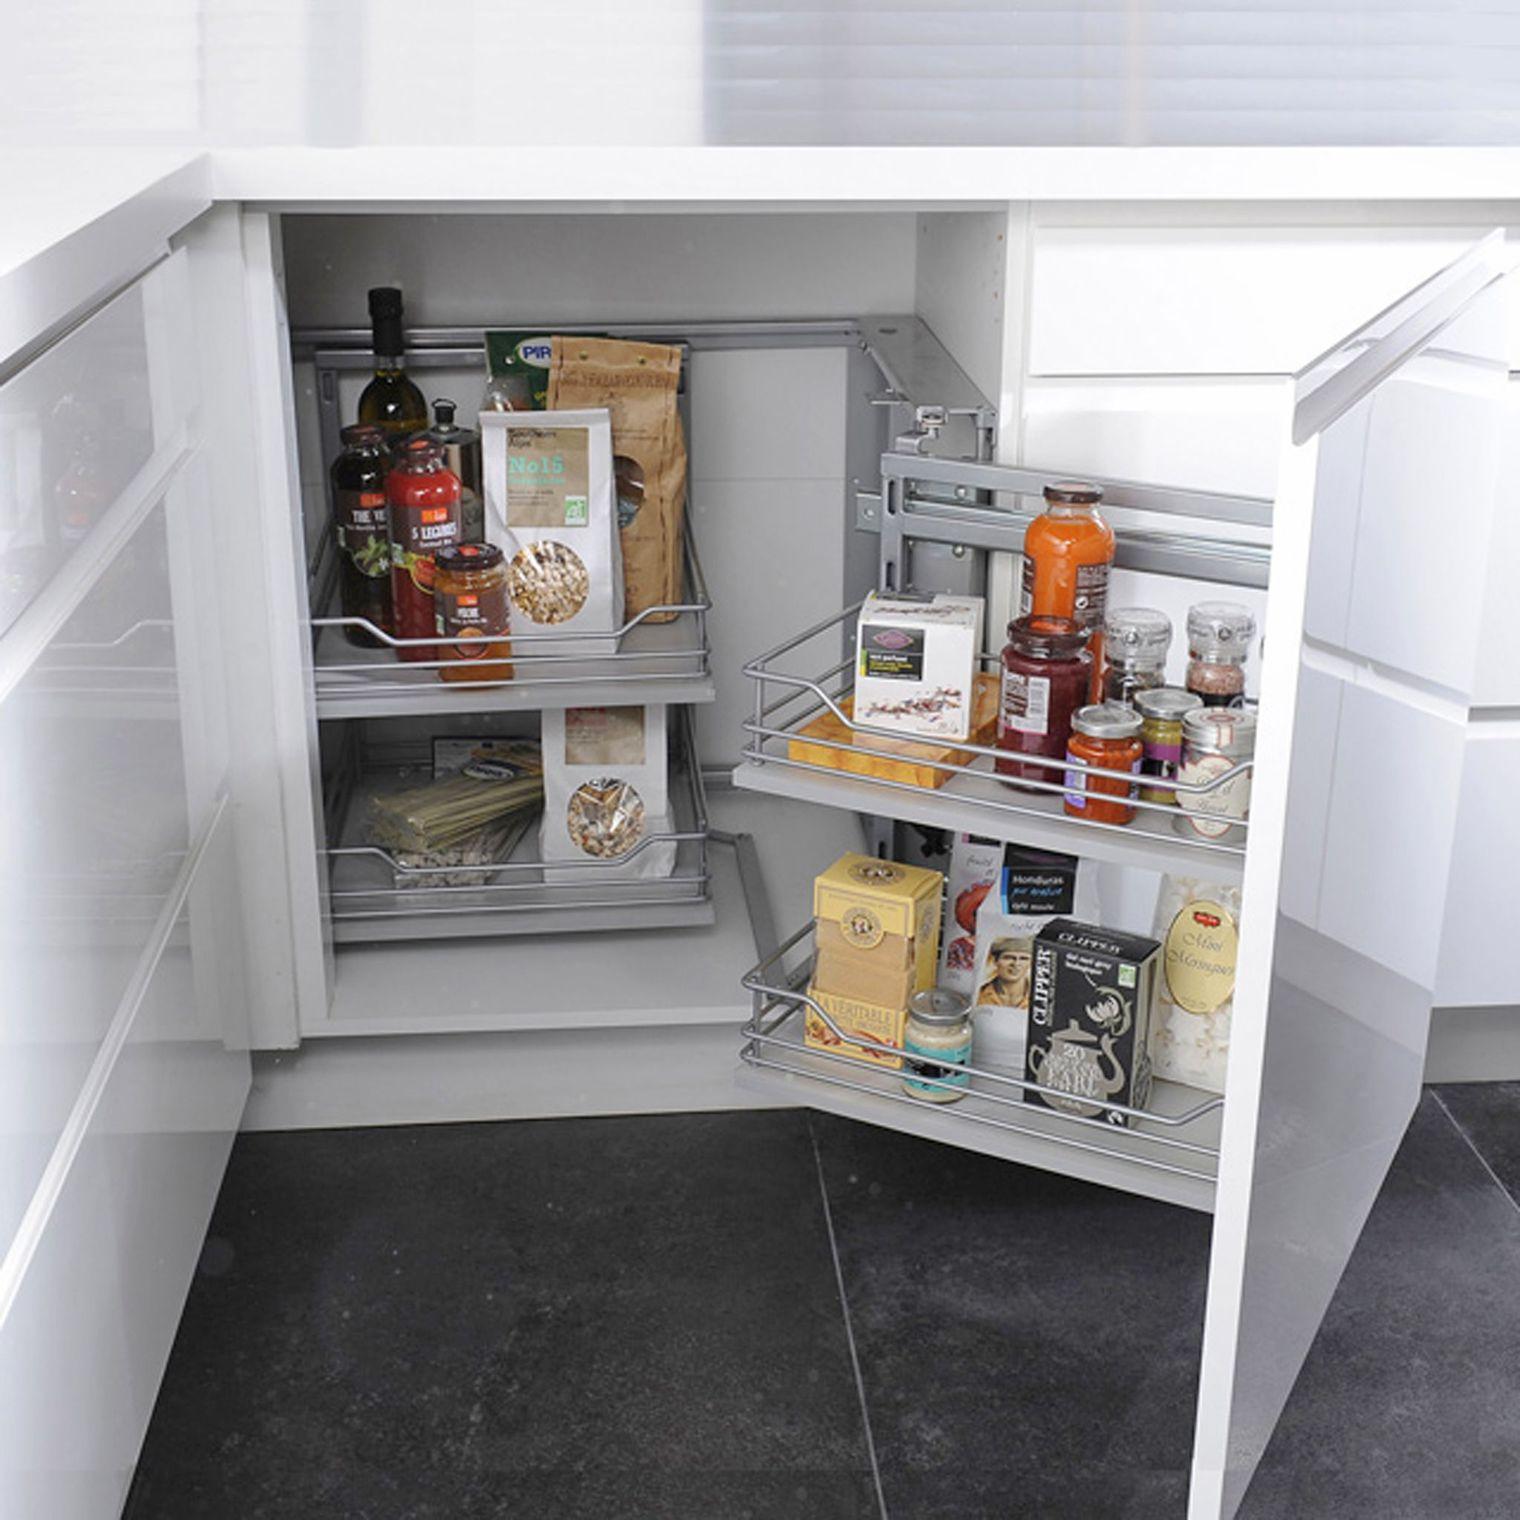 26 id es pour optimiser votre espace de rangement page 4 sur 5 des id es. Black Bedroom Furniture Sets. Home Design Ideas